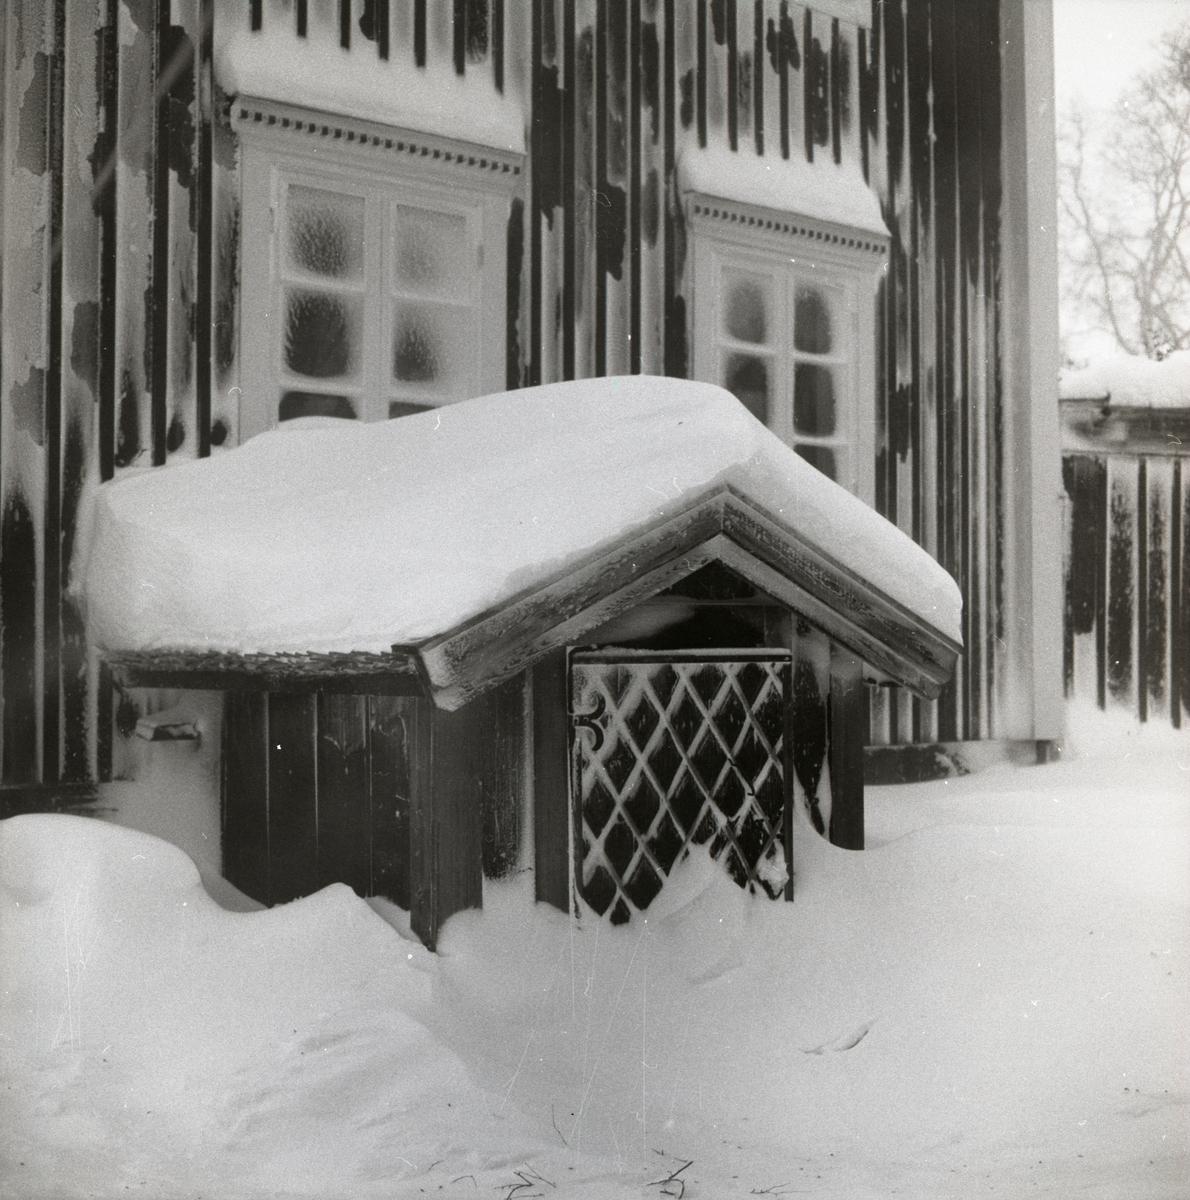 Ett snötäckt hus med jordkällaringång, 1987.